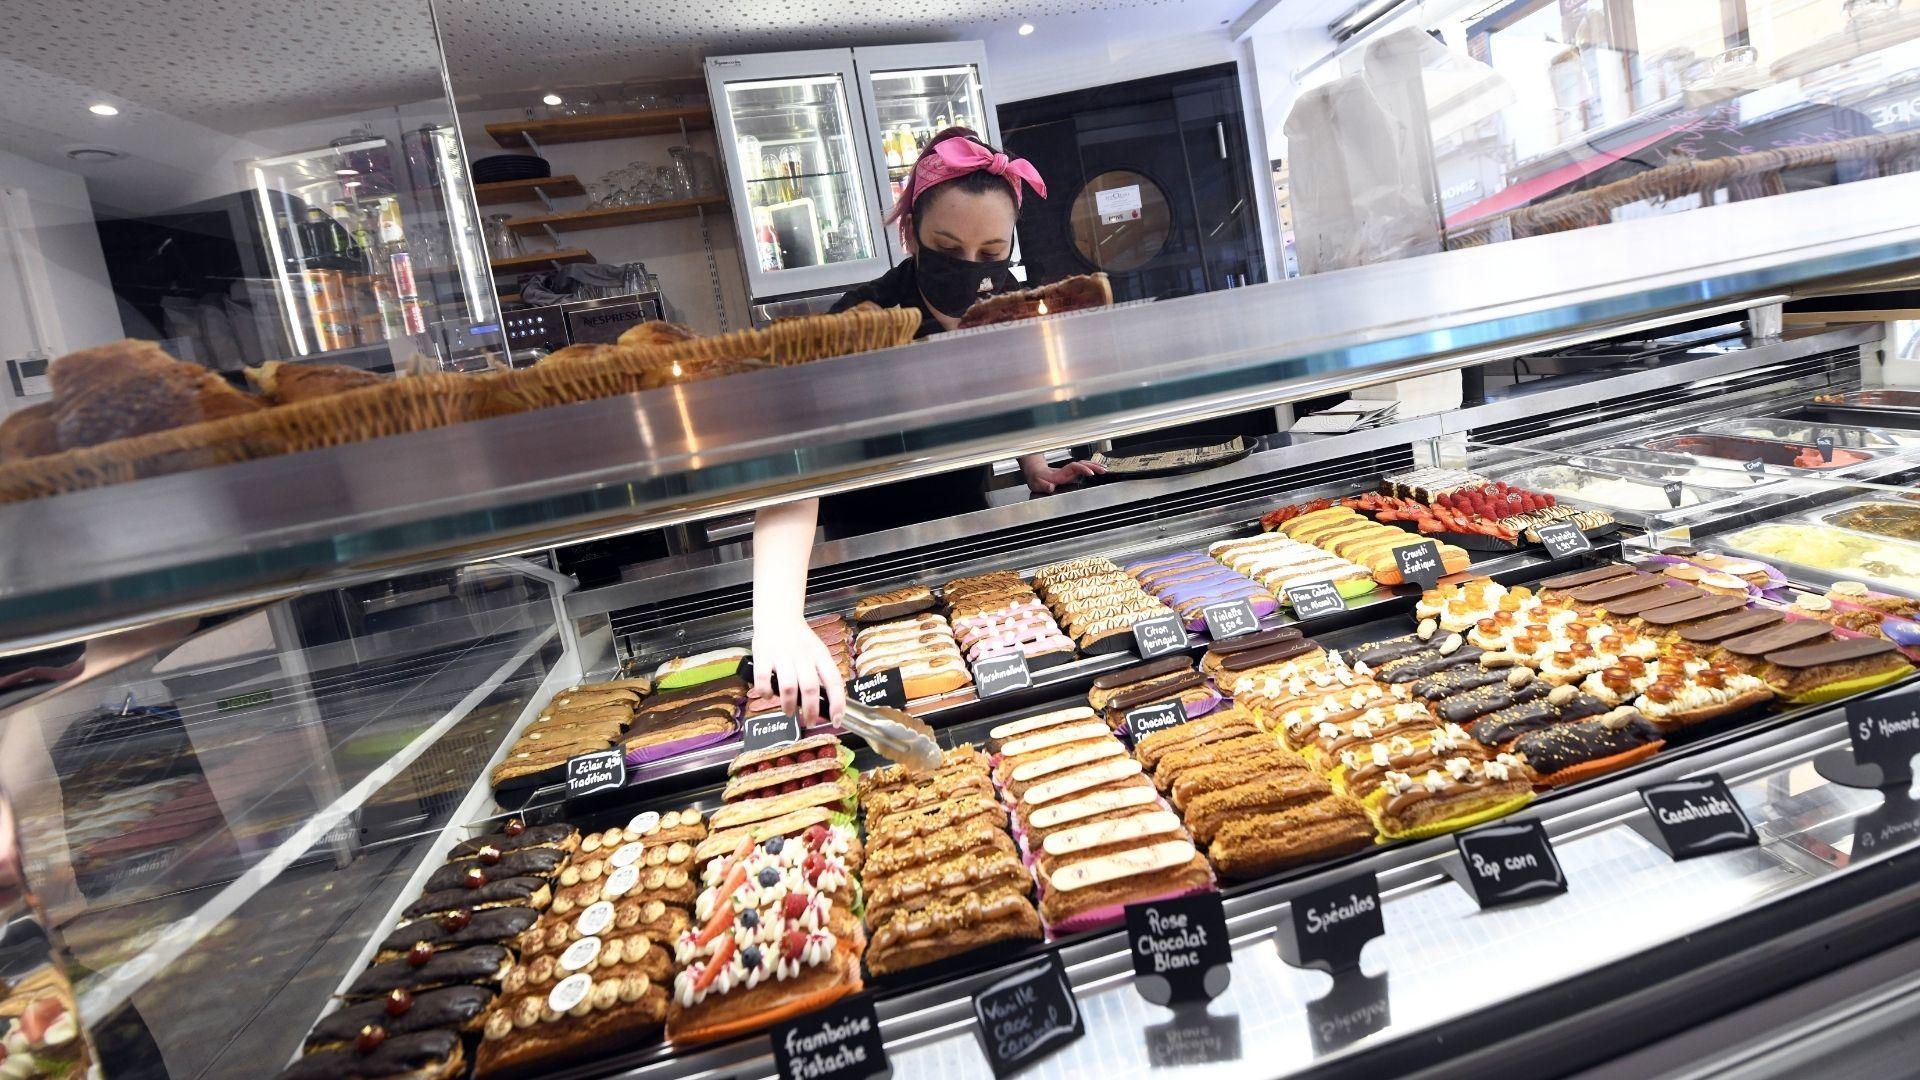 Mulhouse : Fanny's Café coup de foudre pour les éclairs : des recettes gourmandes pour tous les goûts